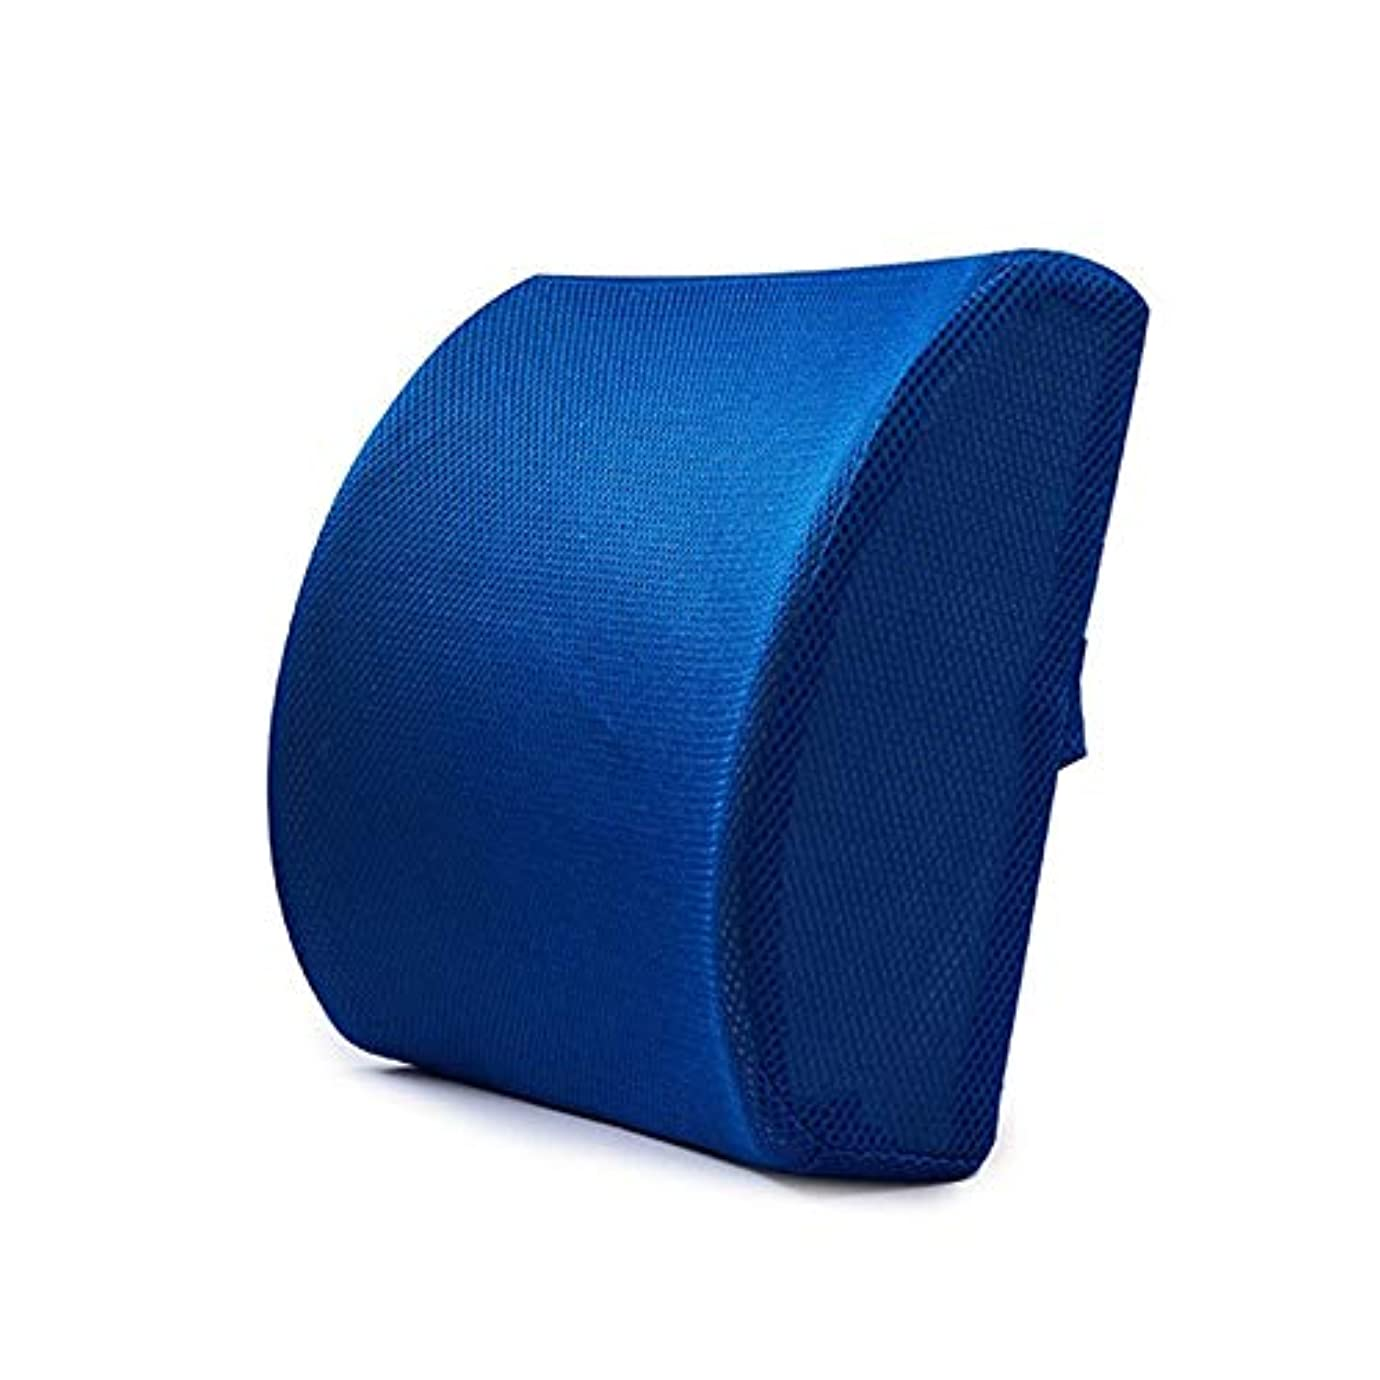 四ドナウ川真鍮LIFE ホームオフィス背もたれ椅子腰椎クッションカーシートネック枕 3D 低反発サポートバックマッサージウエストレスリビング枕 クッション 椅子